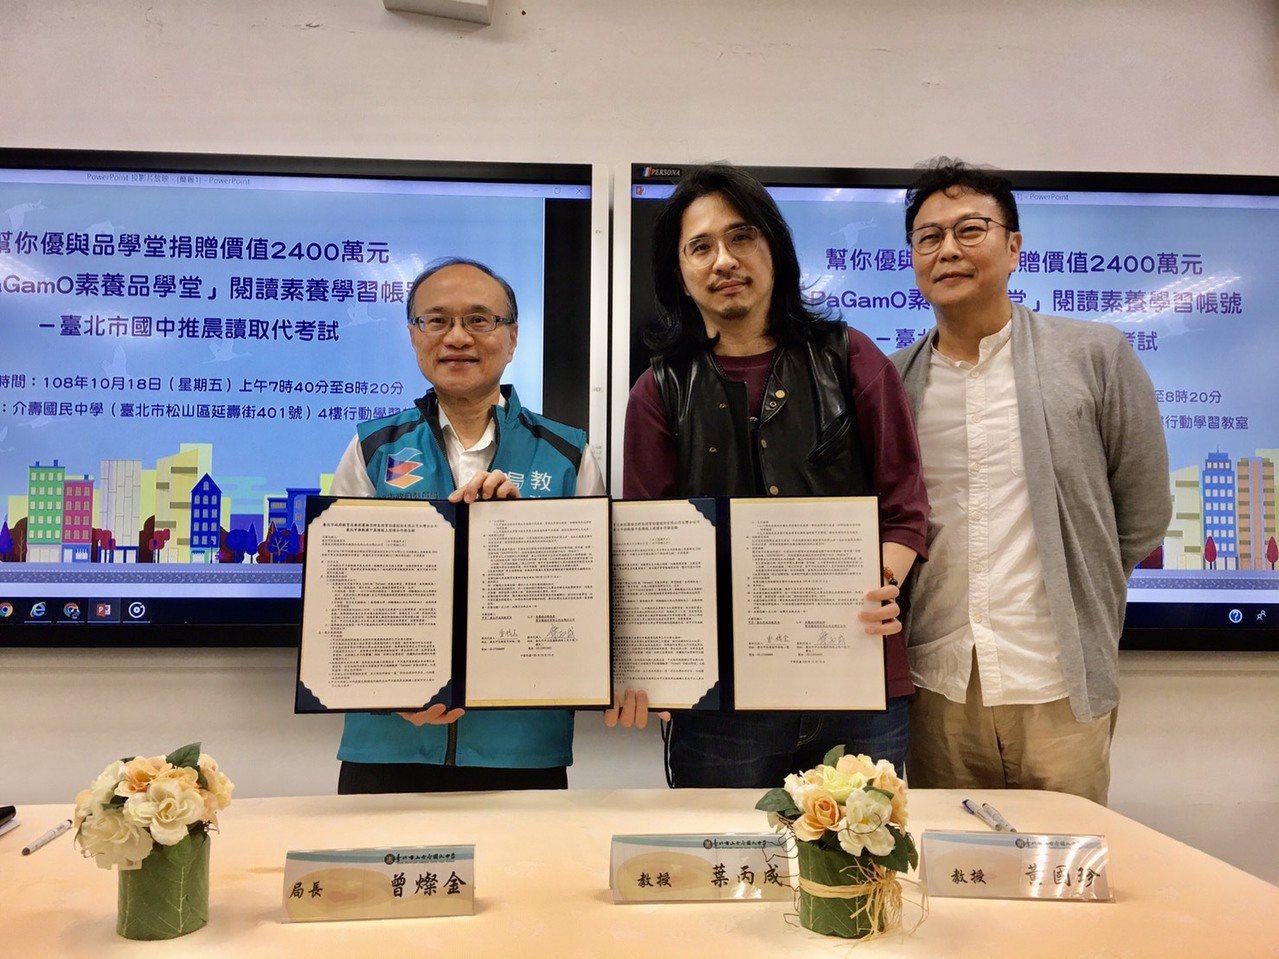 台北市教育局今上午與PaGamO平台創辦人葉丙成(中)簽訂合作備忘錄,「PaGa...